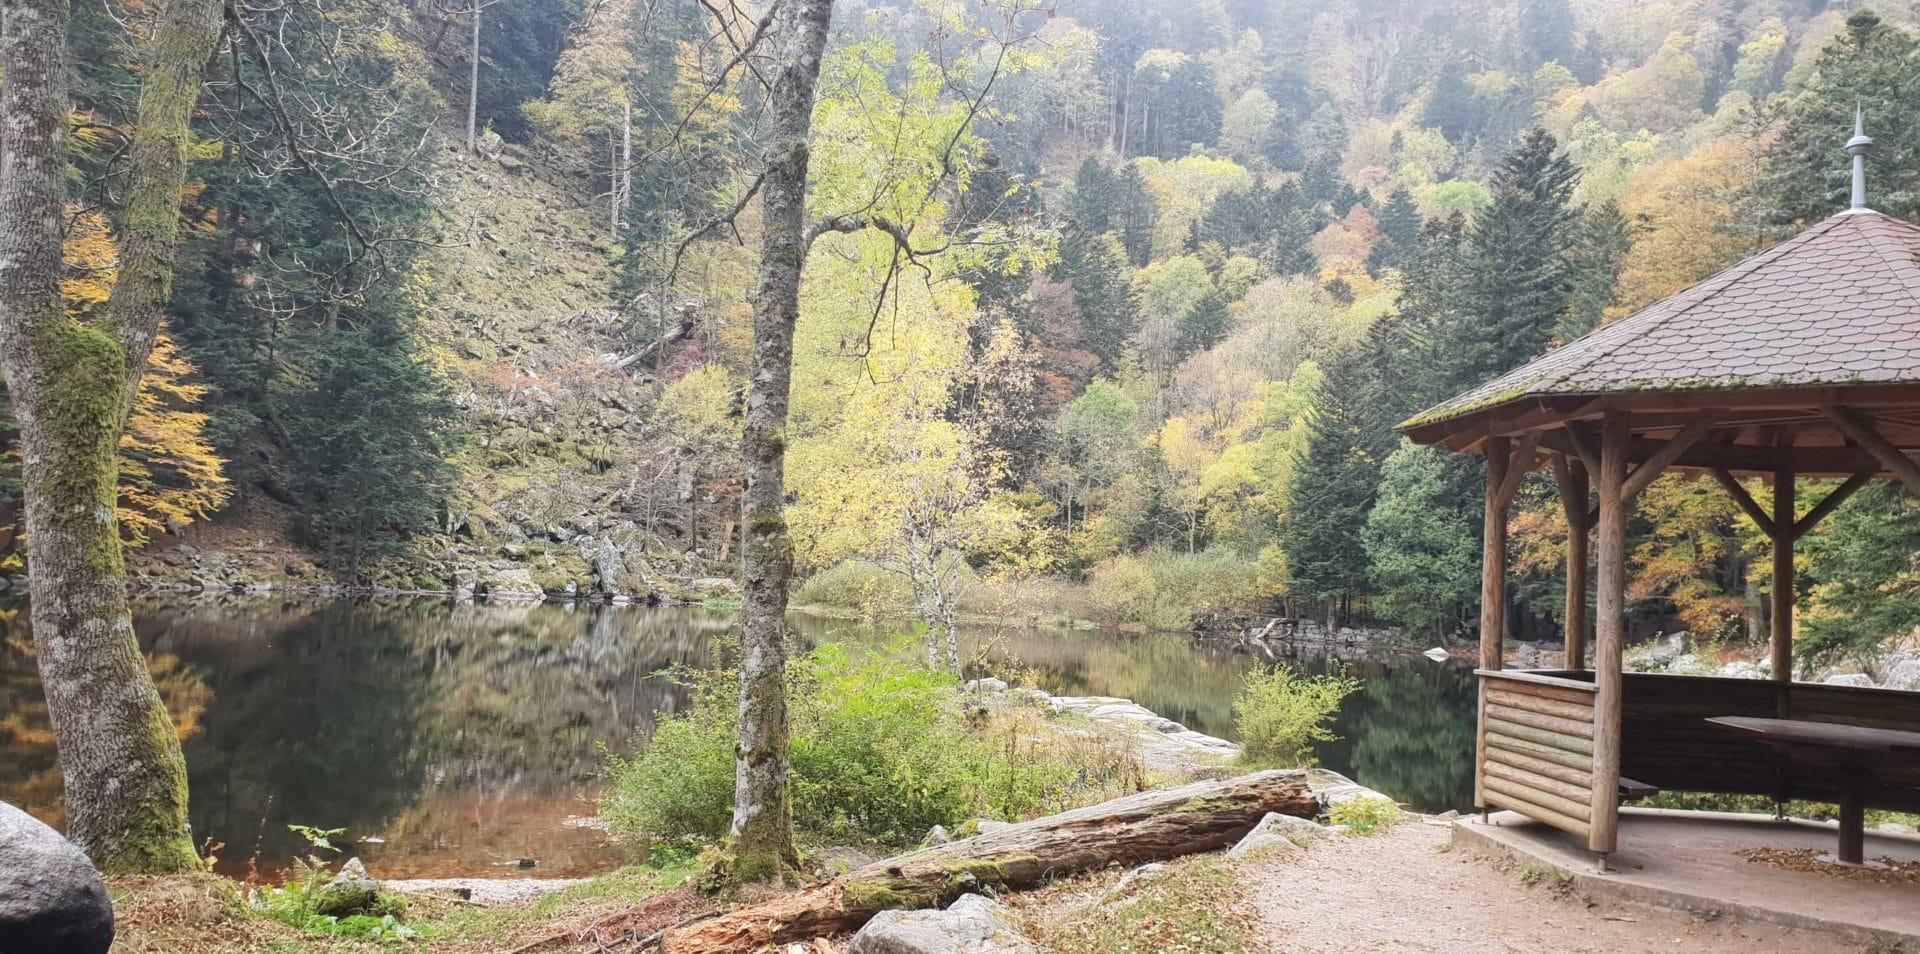 20181024 1408471 1920x954 - Randonnée - Séjour Hôtel Deybach Munster et sa Vallée  par les couleurs d'automne